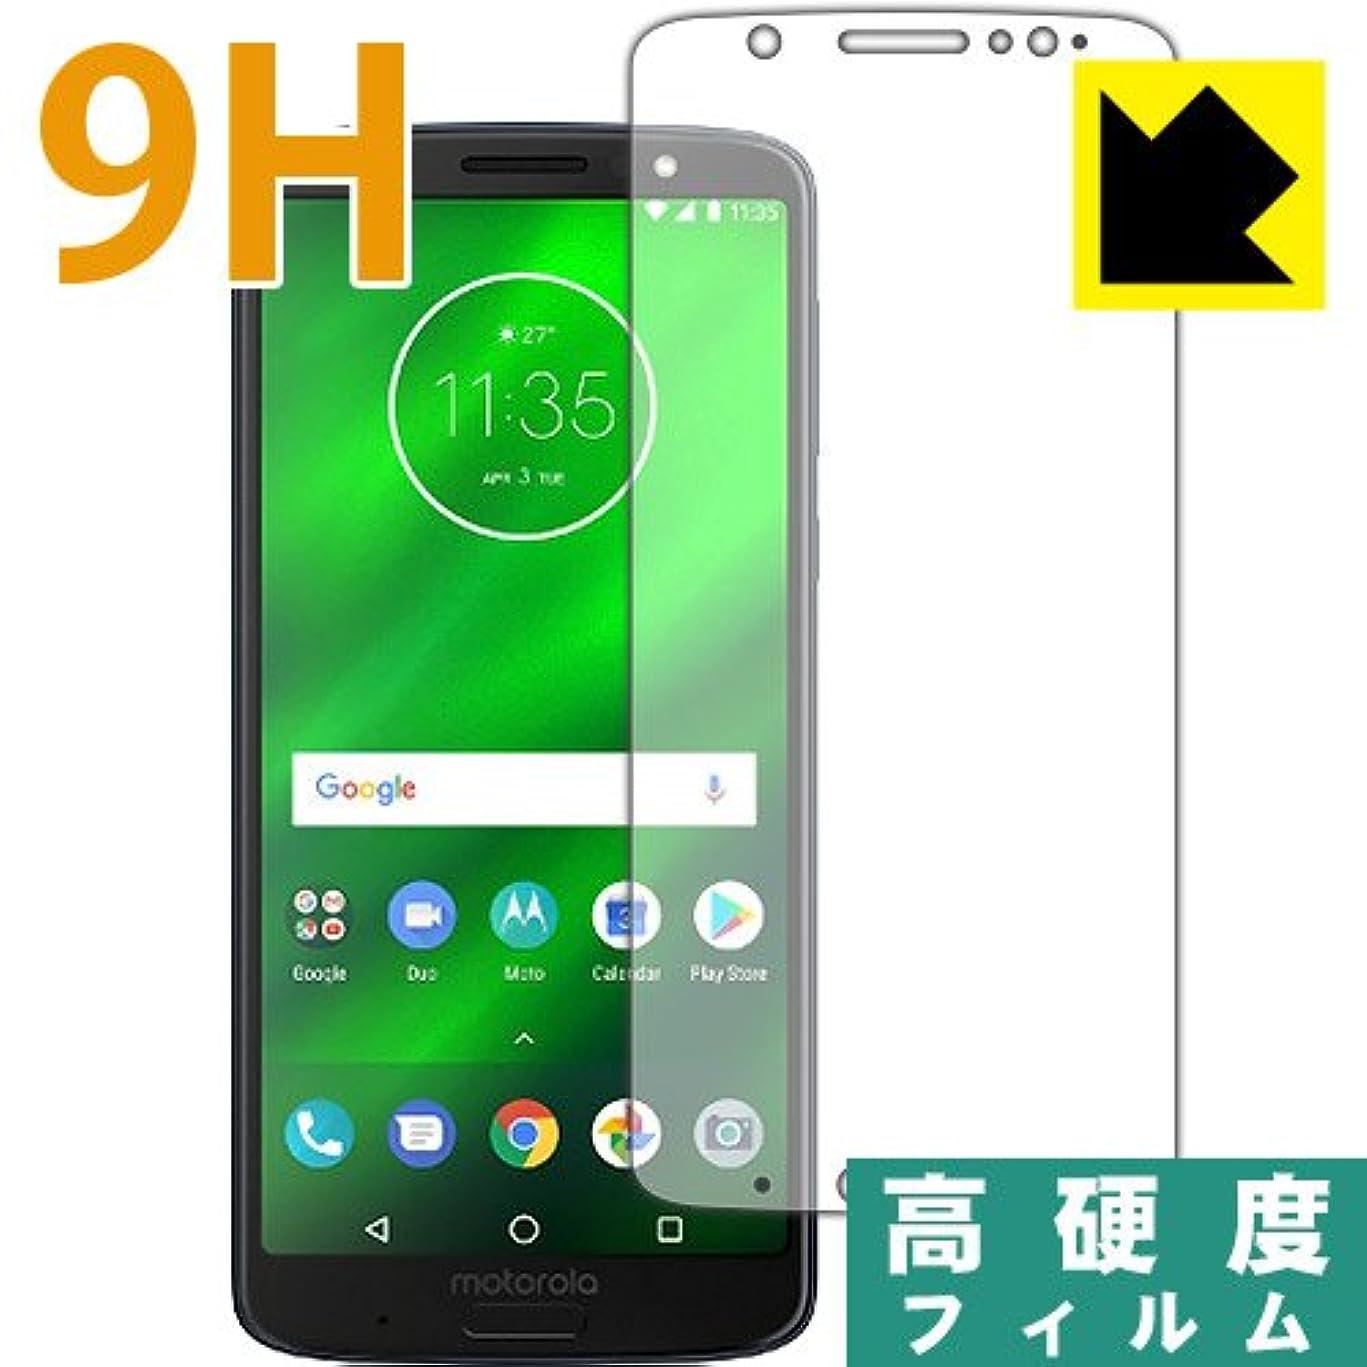 増強すすり泣き理解PDA工房 Moto G6 Plus 9H高硬度[光沢] 保護 フィルム 日本製